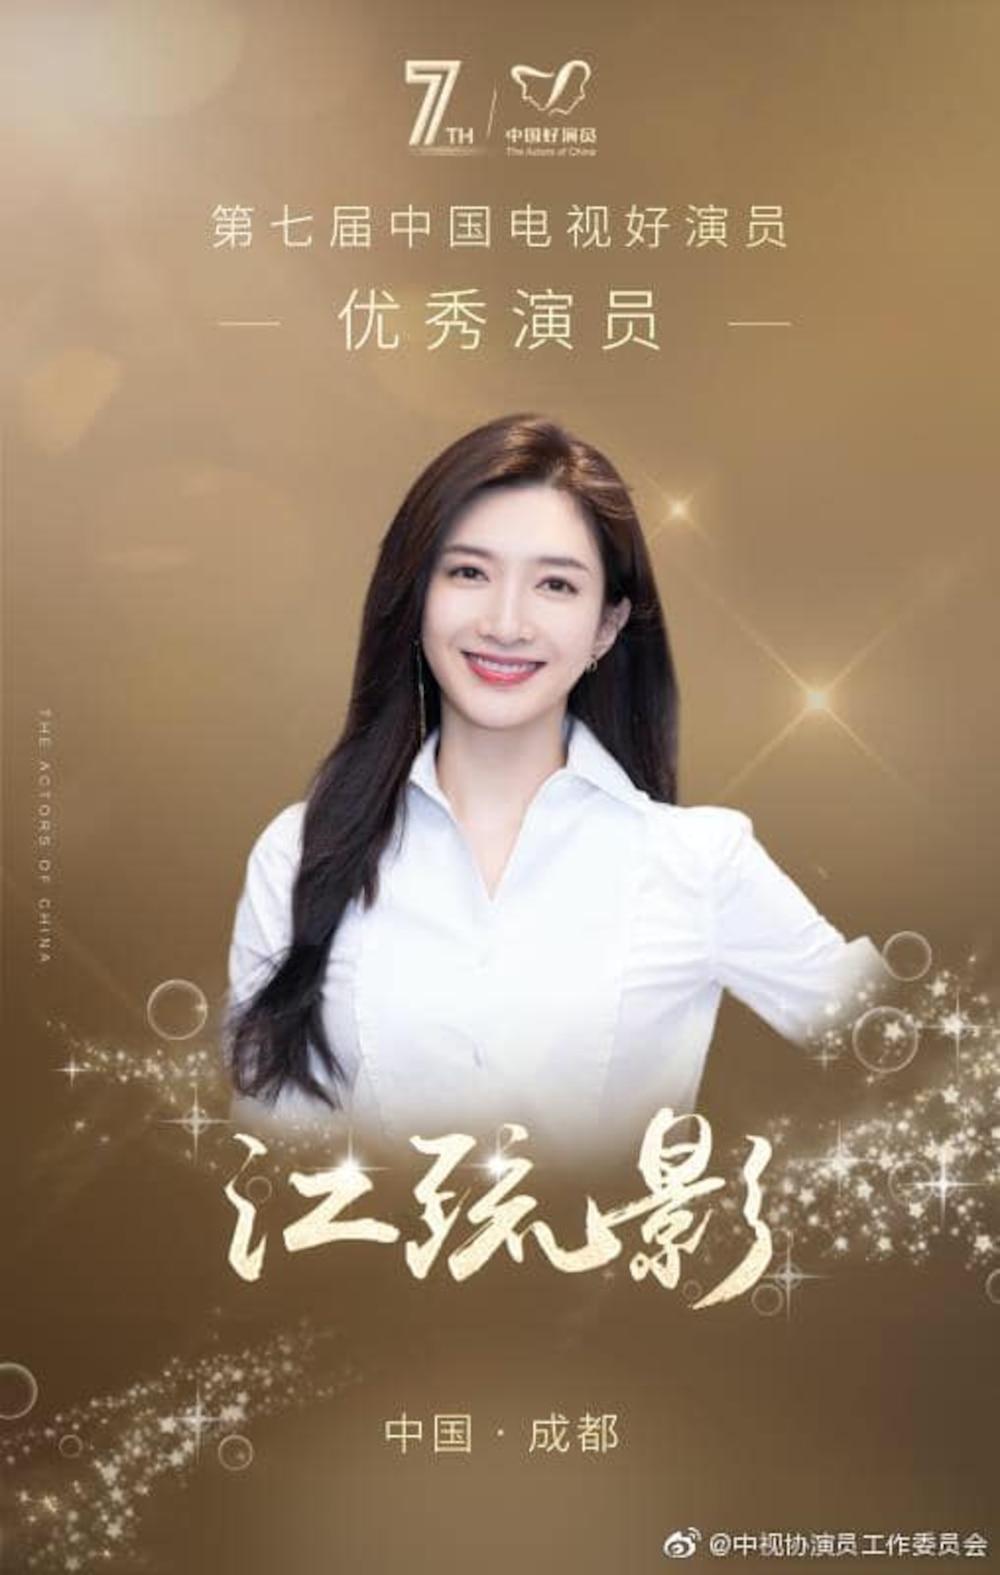 Bảng xếp hạng diễn viên truyền hình xuất sắc: Tiêu Chiến, Vương Nhất Bác, Tống Uy Long đều không có tên 10